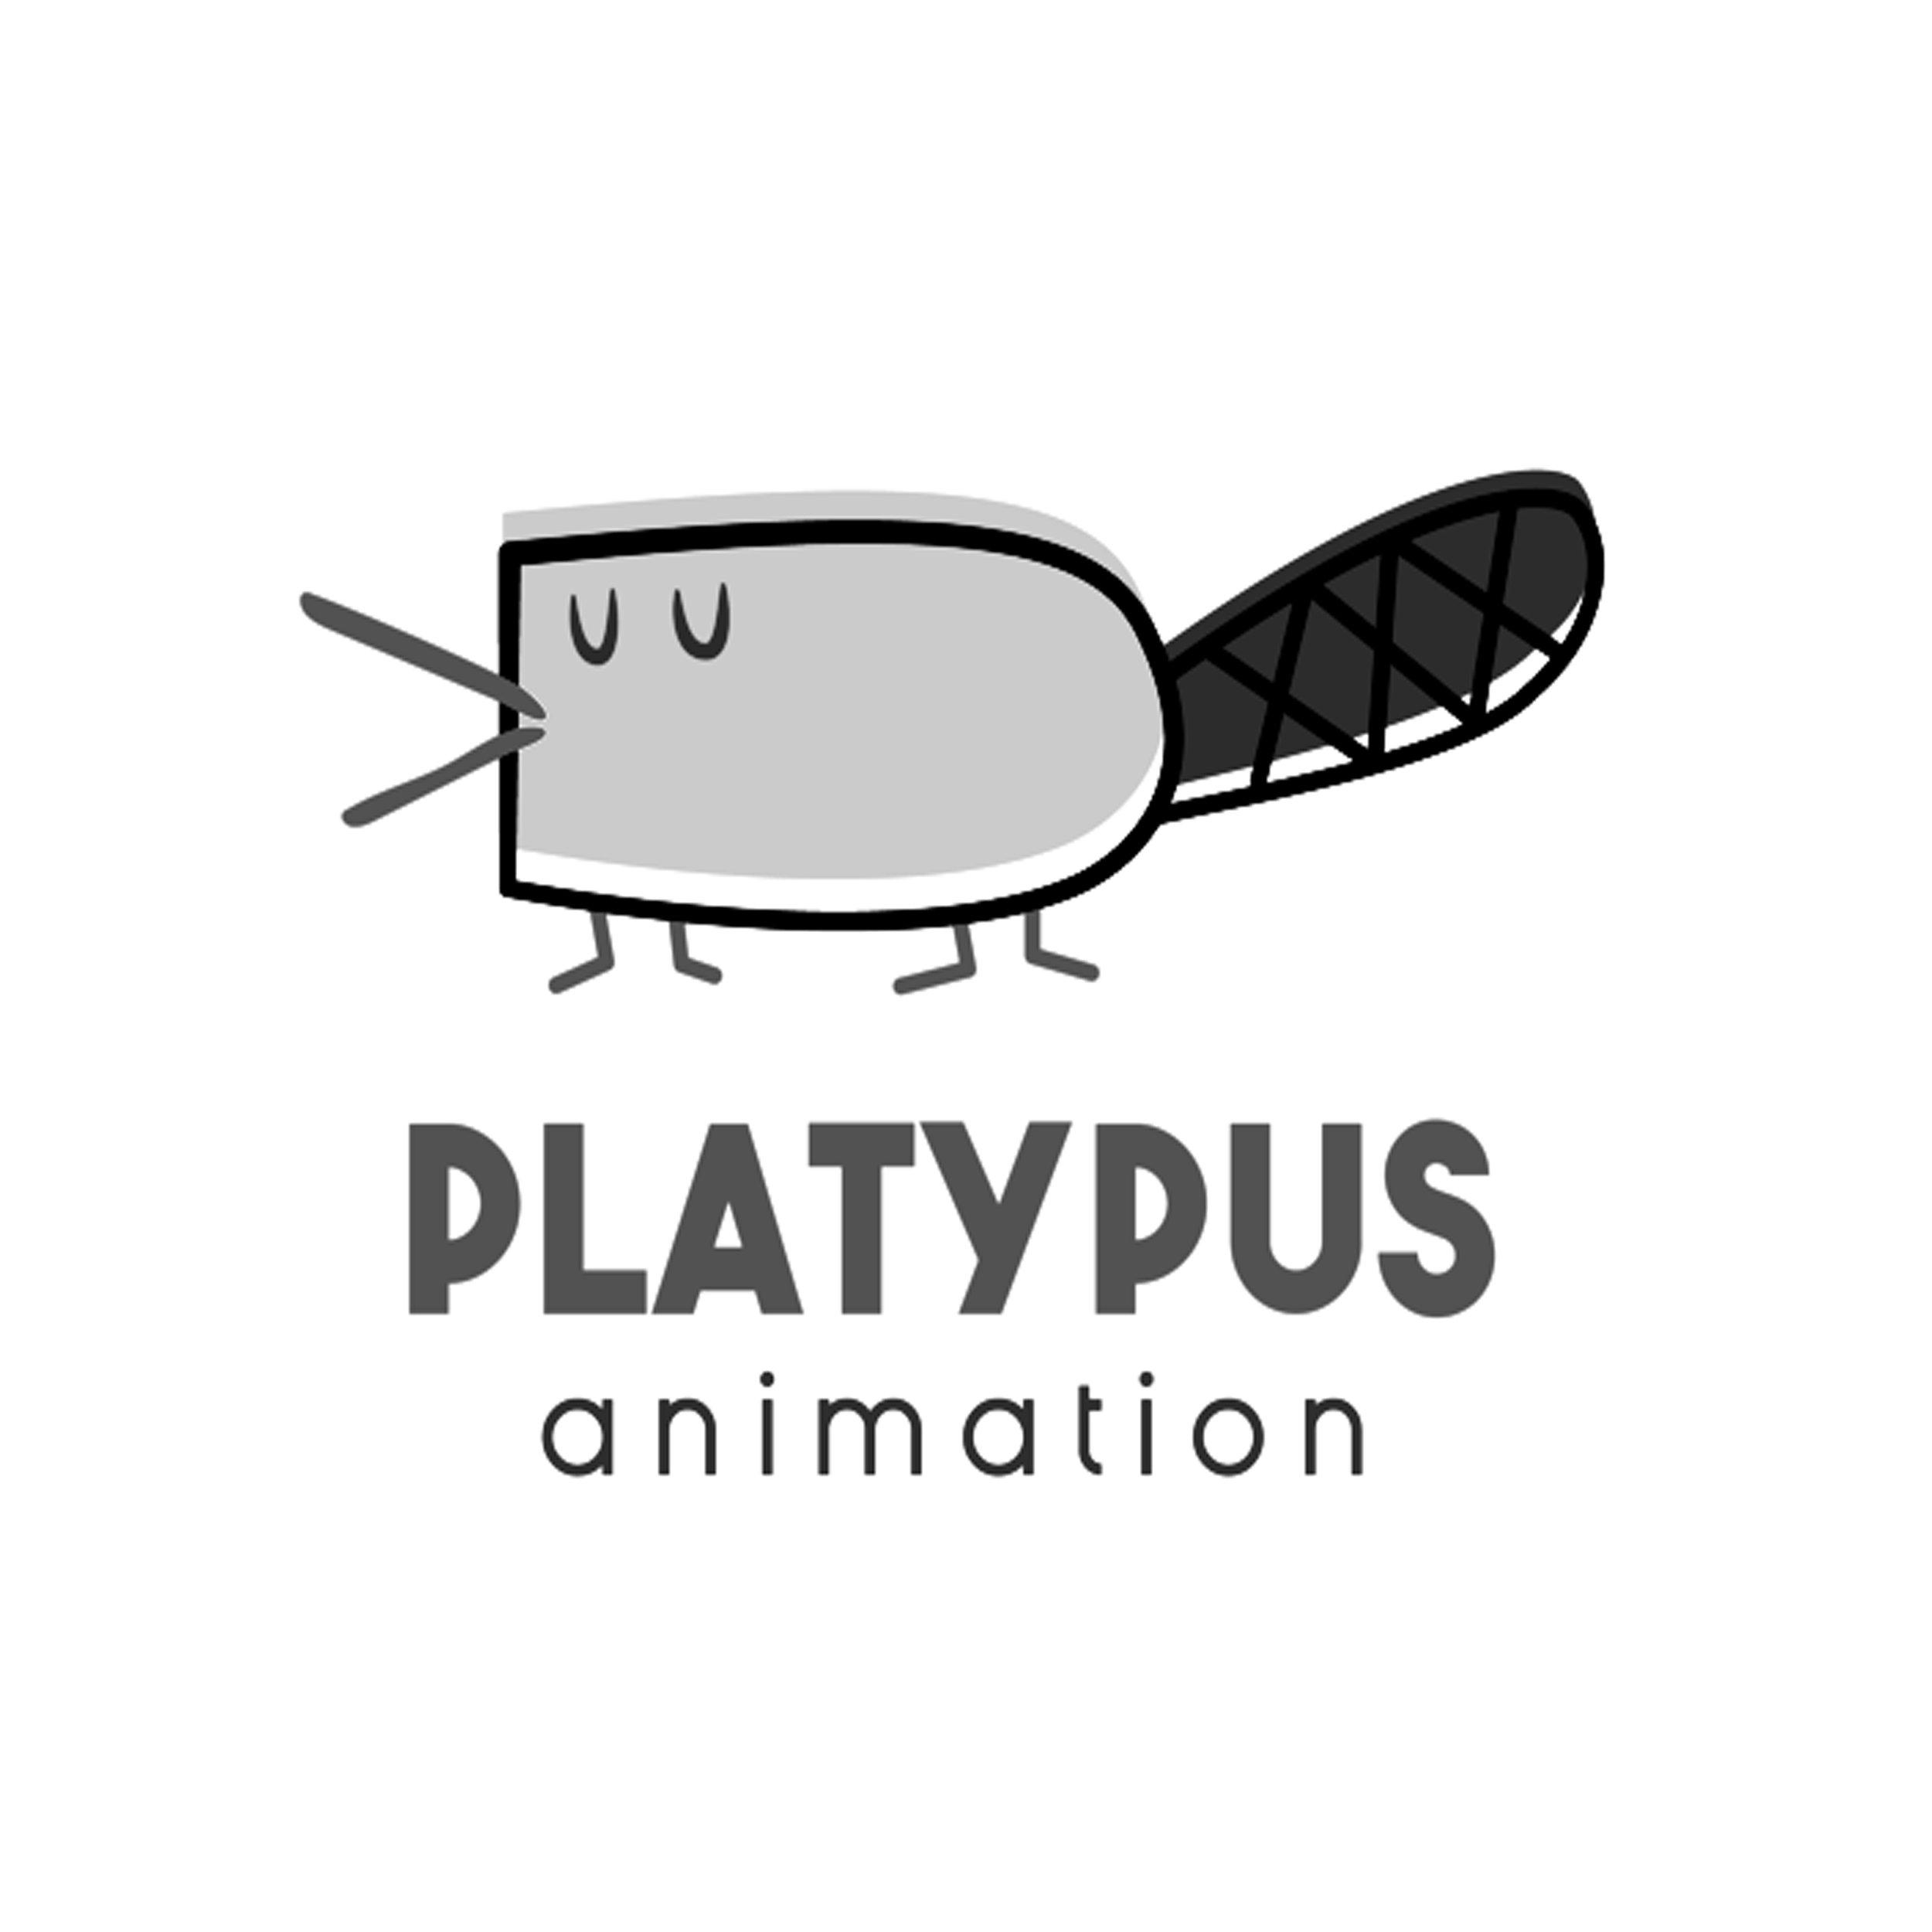 Platypus logo.jpg